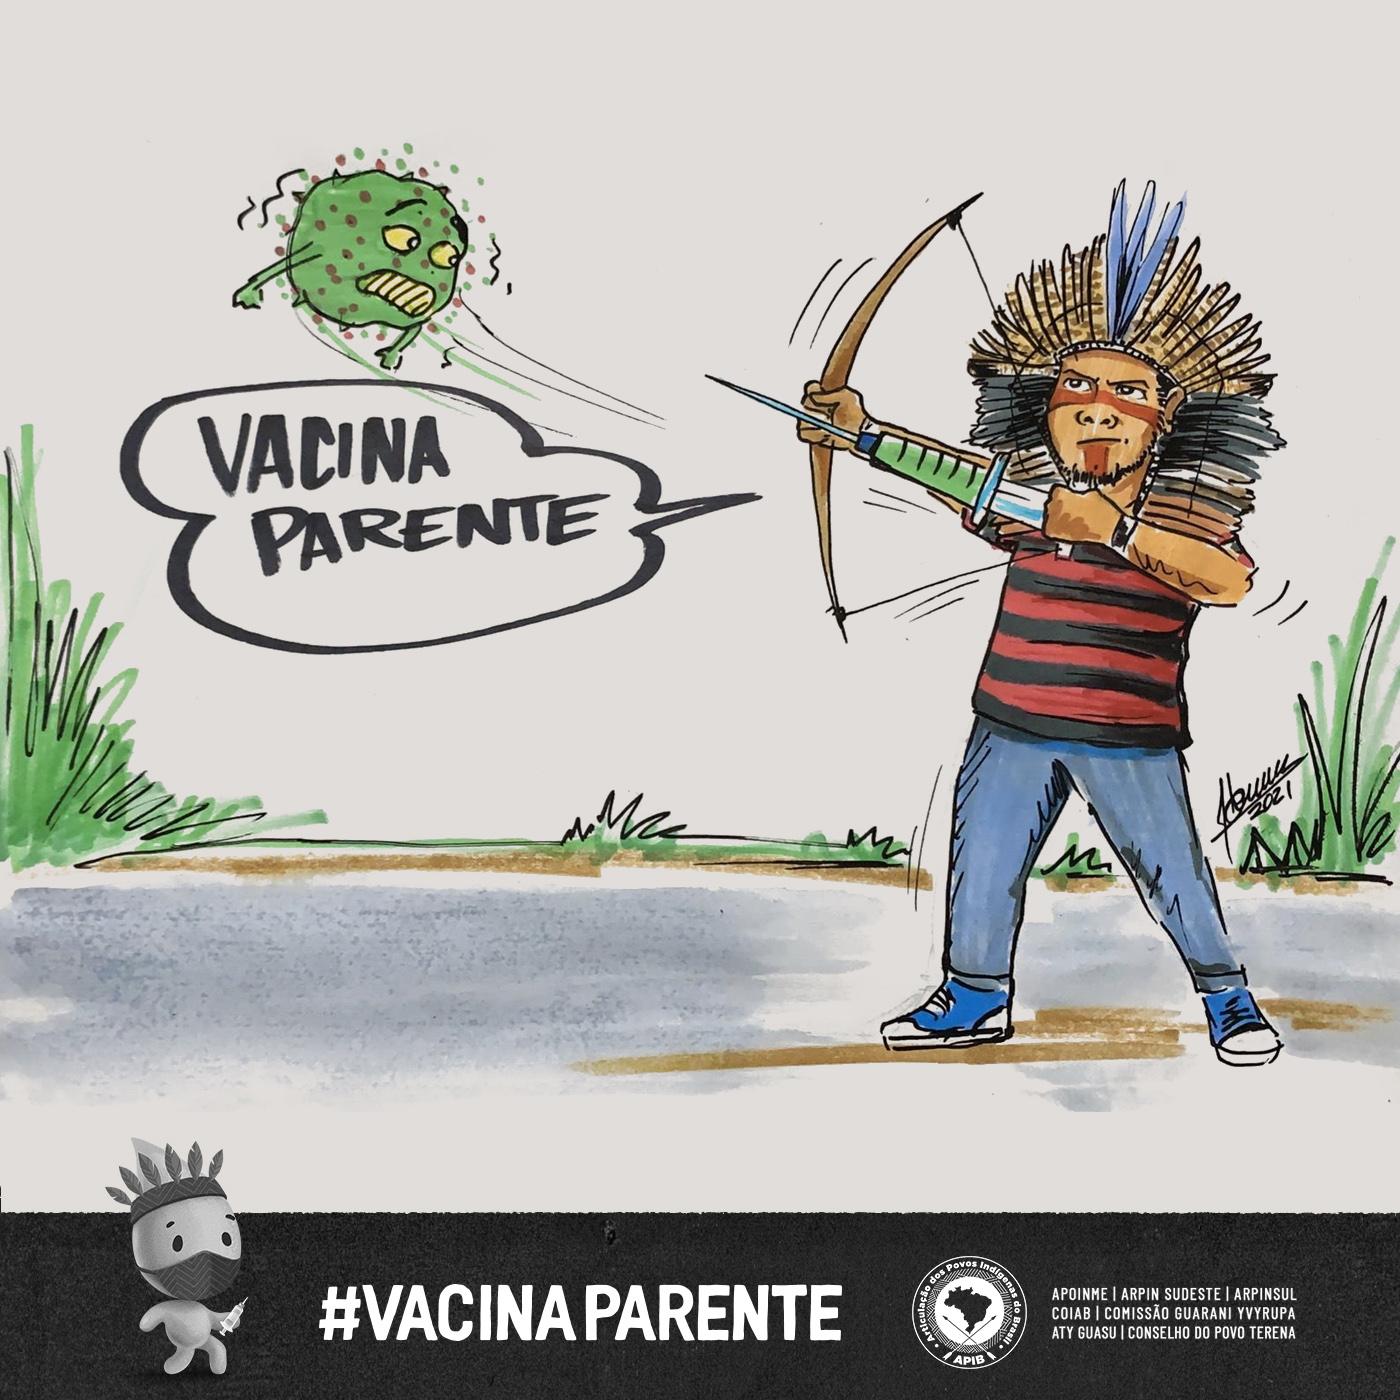 vacinaparente_cartoon15